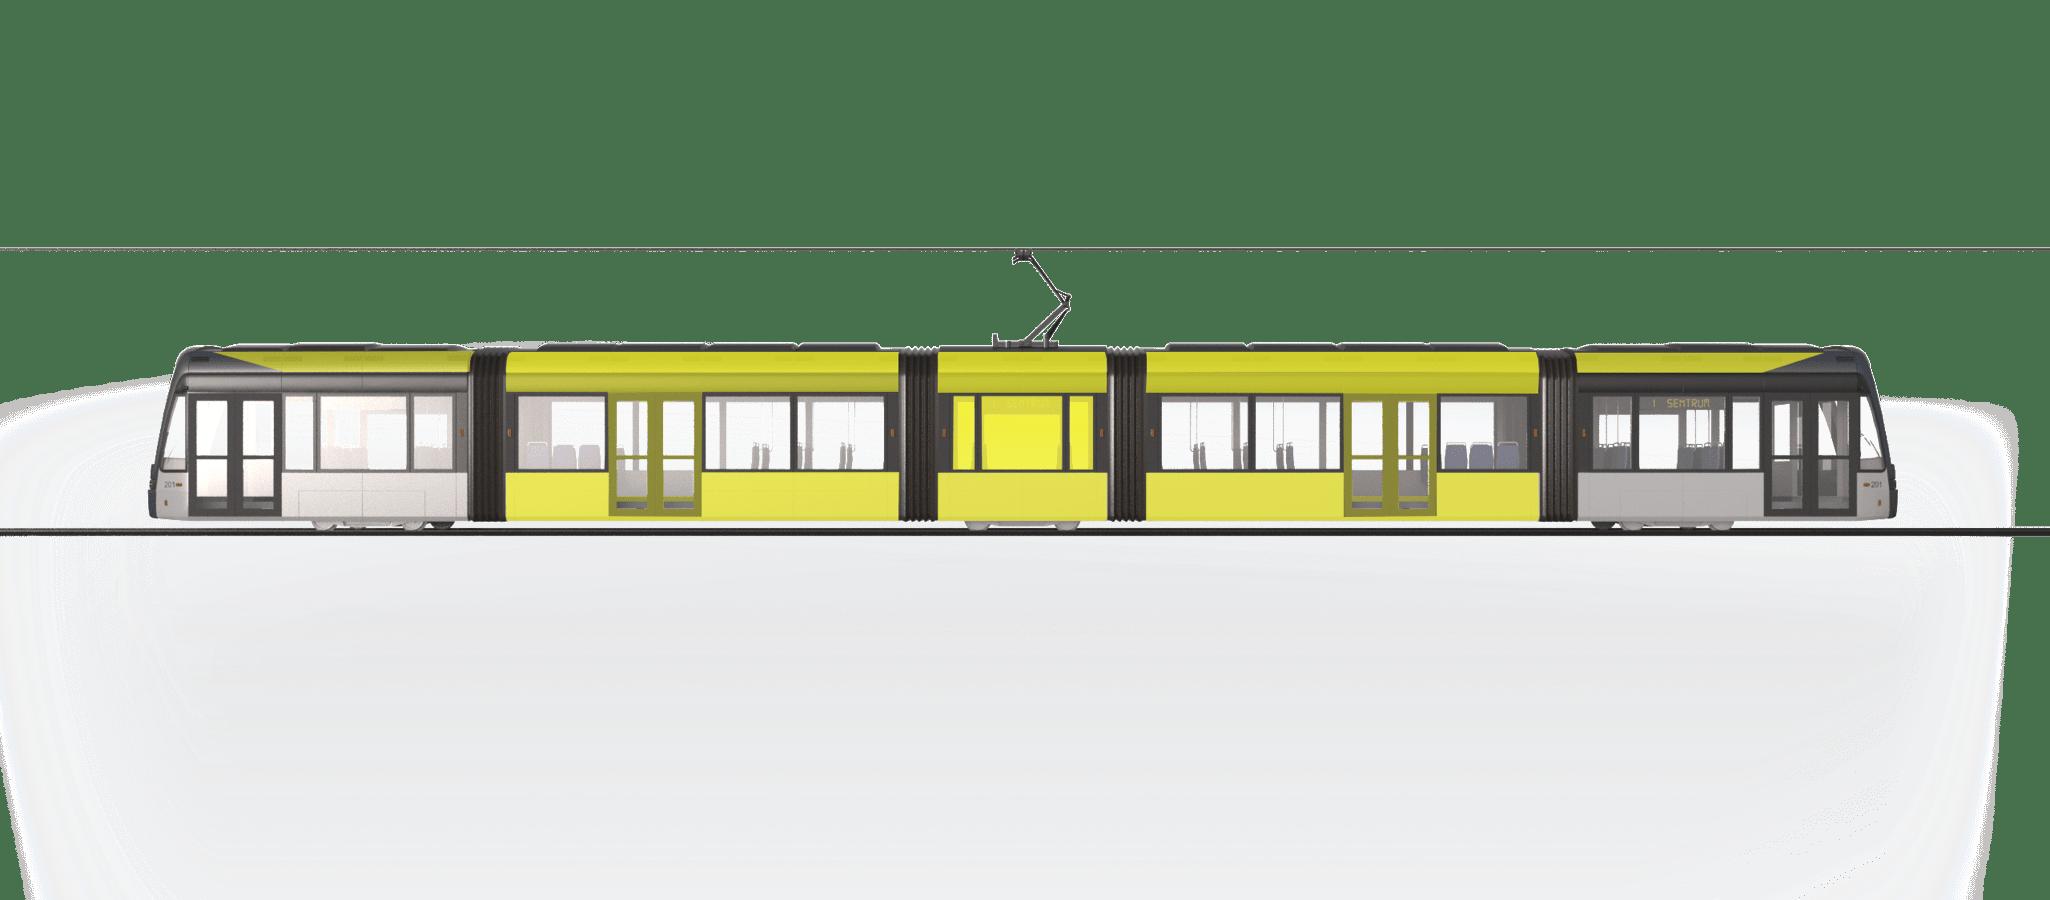 02_KWS-Bahnwerbung_Ganzgestaltung-Plus